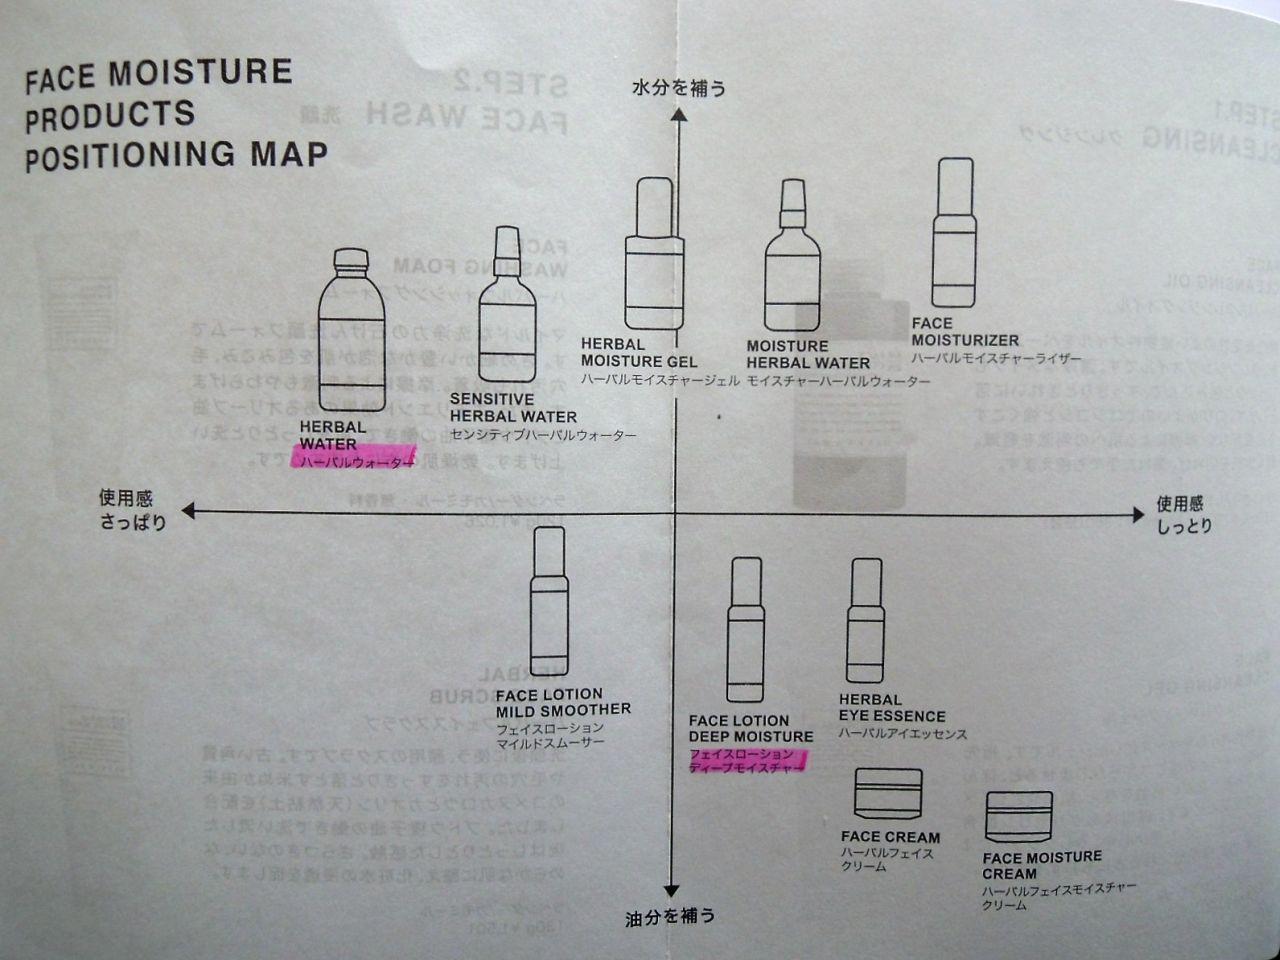 スキンケアシリーズのチャート